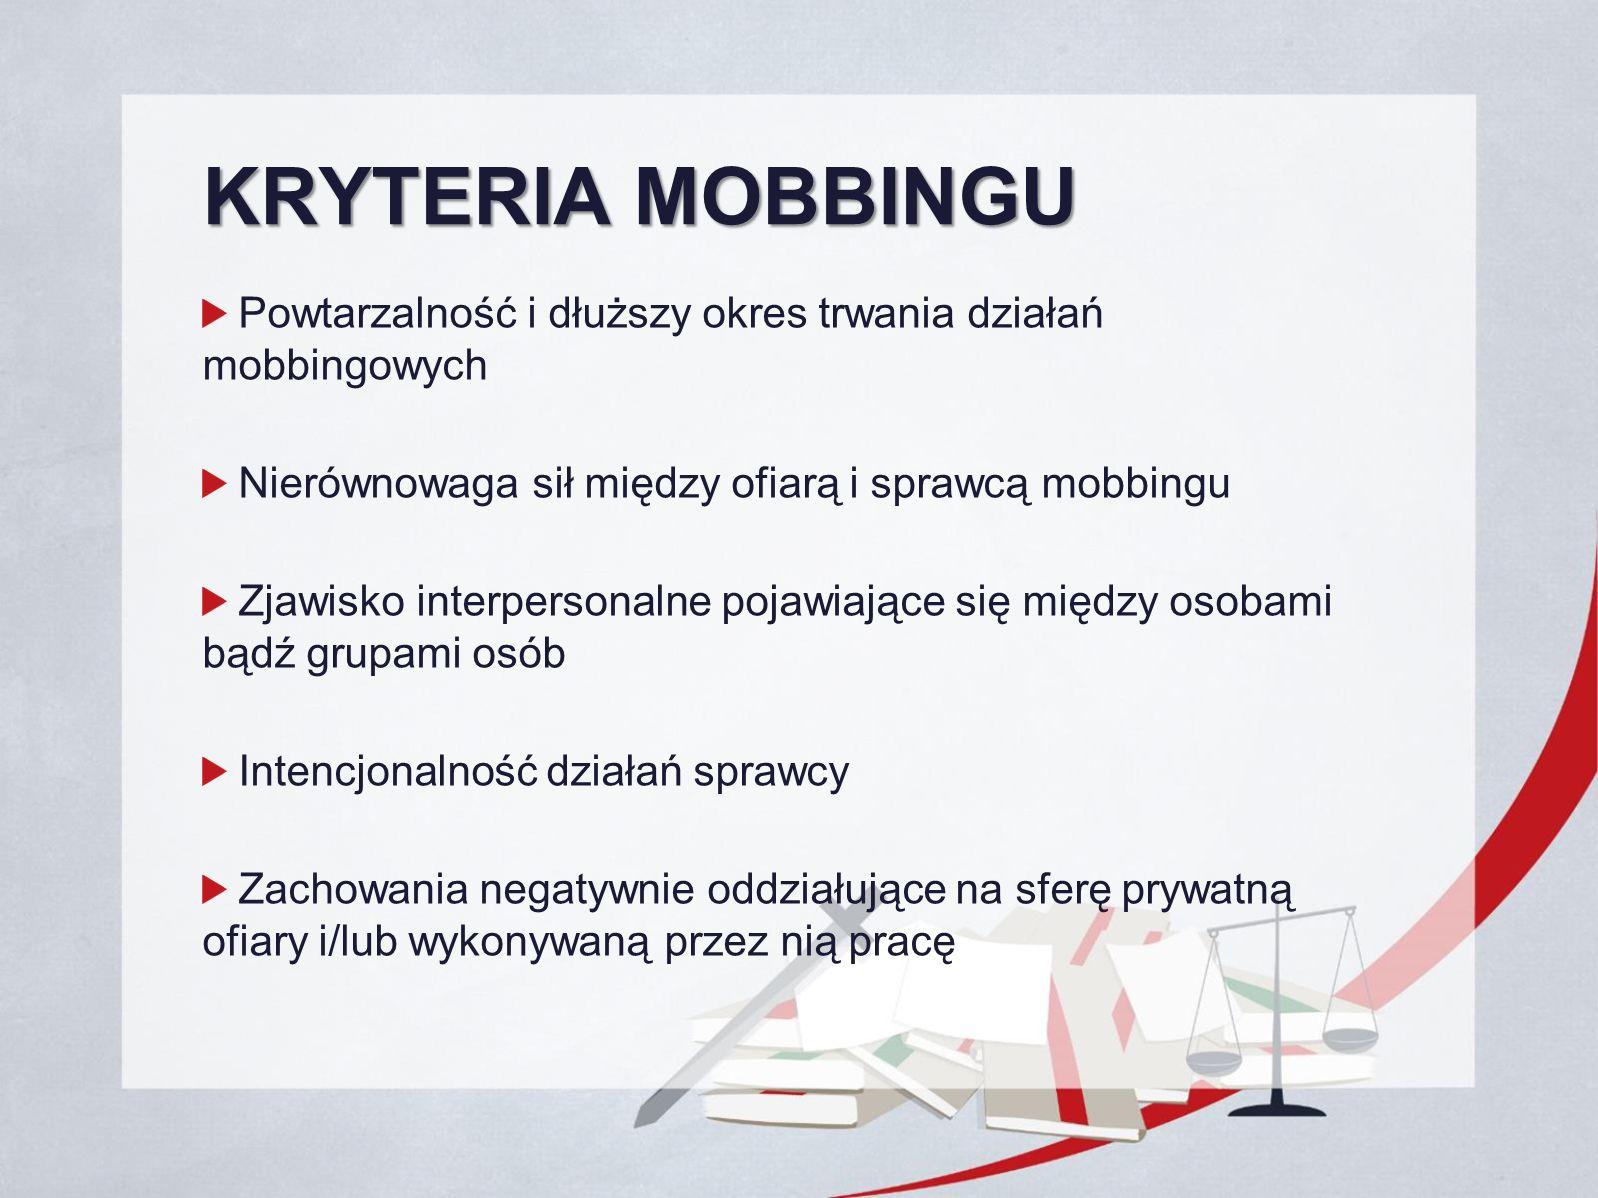 KRYTERIA MOBBINGU Powtarzalność i dłuższy okres trwania działań mobbingowych Nierównowaga sił między ofiarą i sprawcą mobbingu Zjawisko interpersonaln